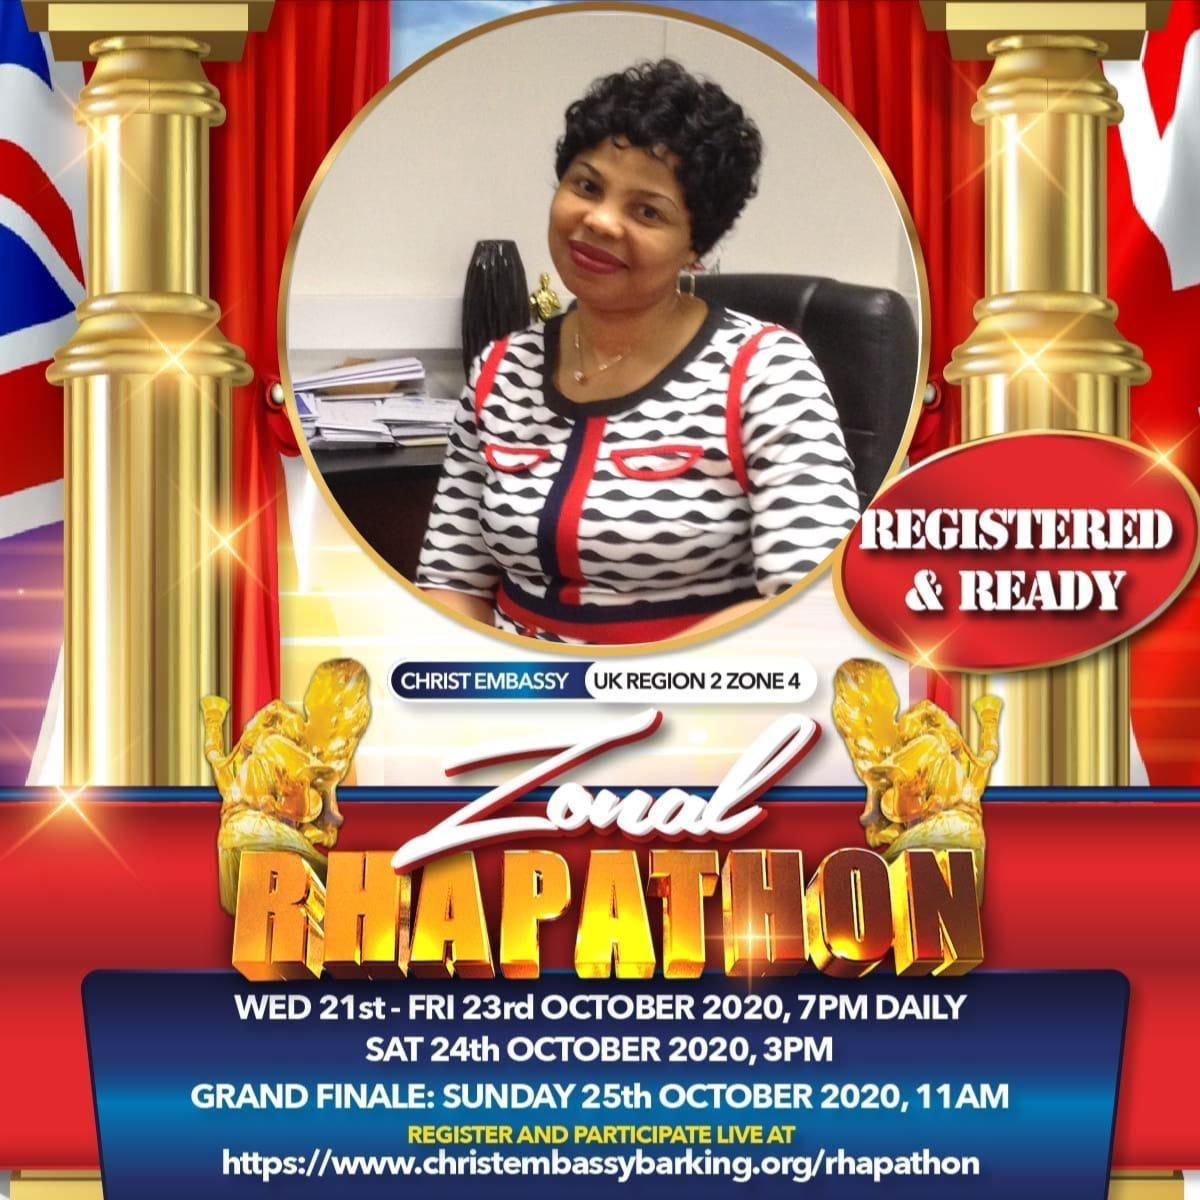 I'm ready! ready!! ready!!! #RhapathonUKR2Z4